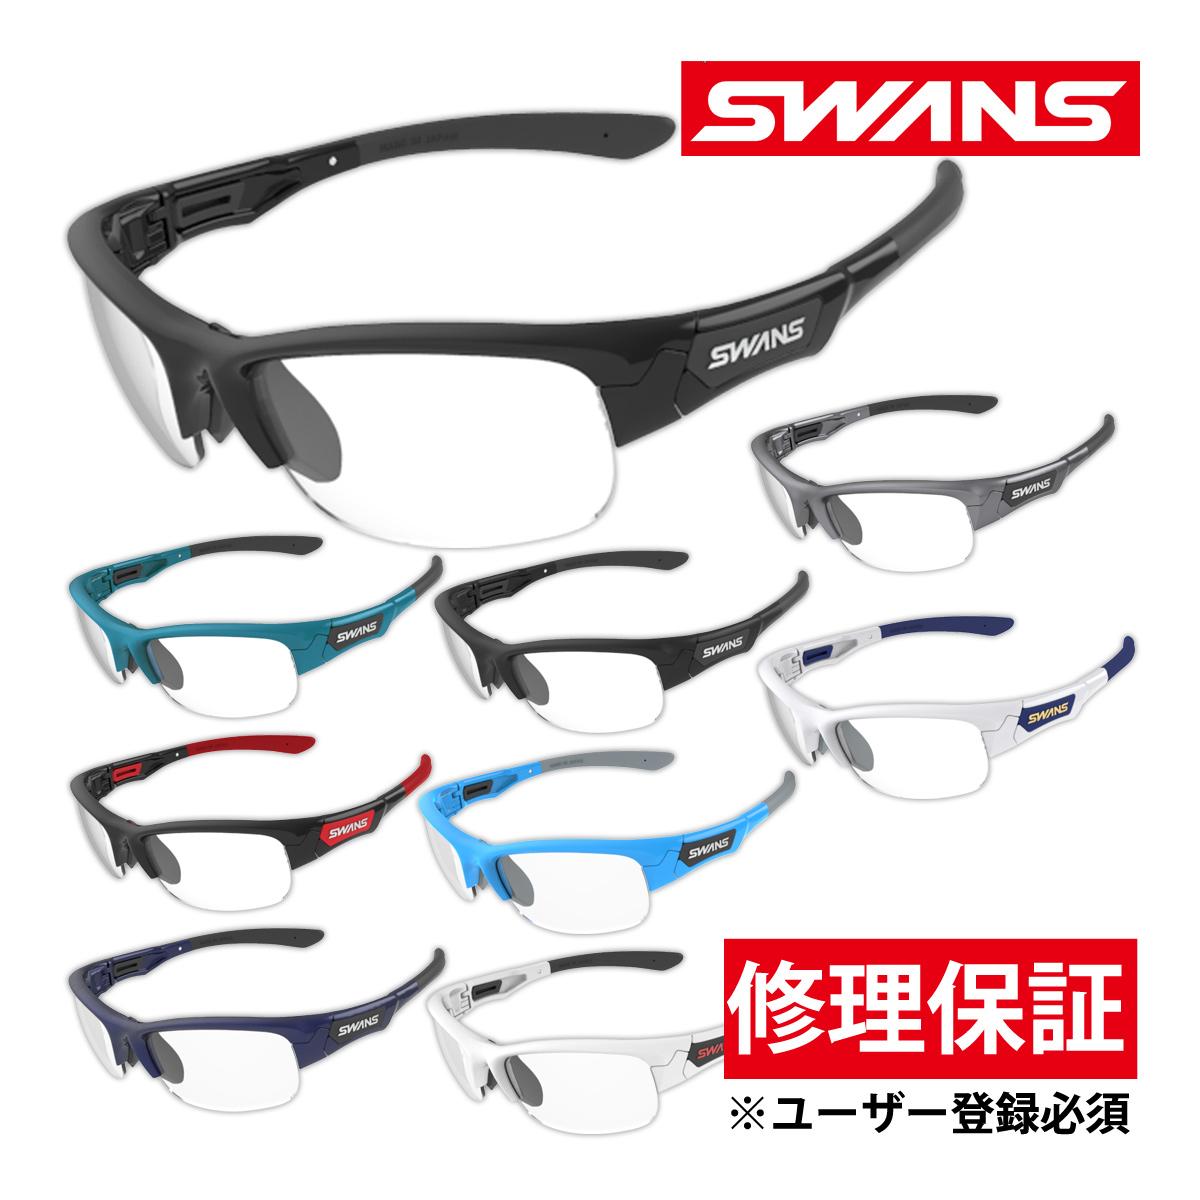 サングラス 両面クラリテックスコートレンズ 透明 スポーツ メンズ レディース SPRINGBOK フレーム+L-SPB-0412 CLA 撥水加工 おすすめ 人気 SWANS スワンズ